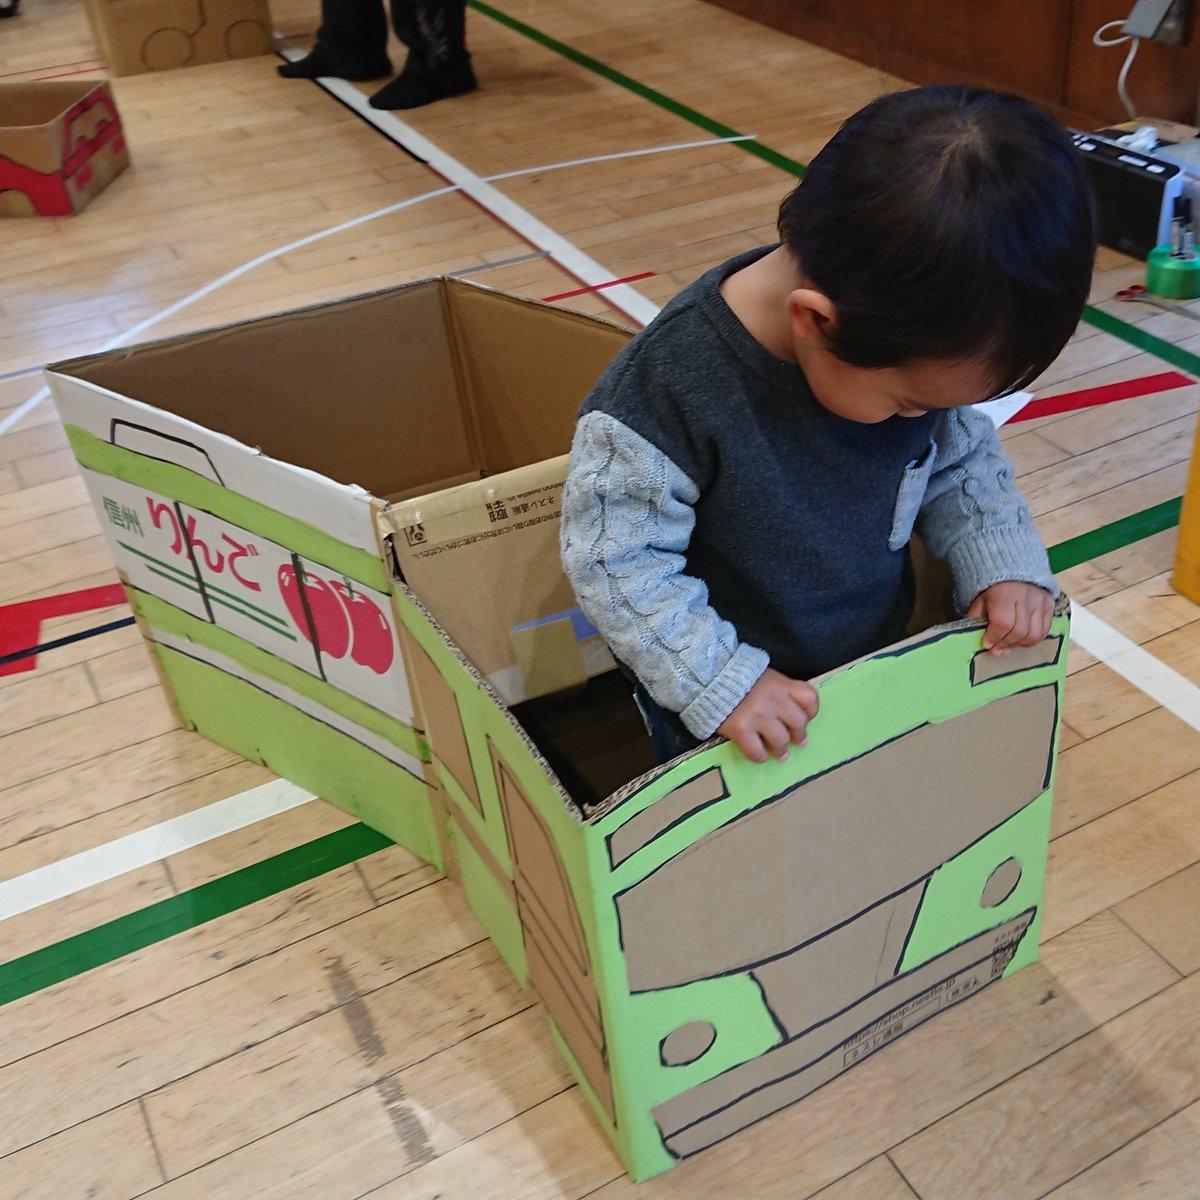 test ツイッターメディア - 児童館で色んな乗り物に乗ってきた!ダンボールの電車、楽しかったみたいだから作ろ。三輪車もちゃんとペダルをこいで進もうとしていたな。成長している! https://t.co/zK7tkslzfK